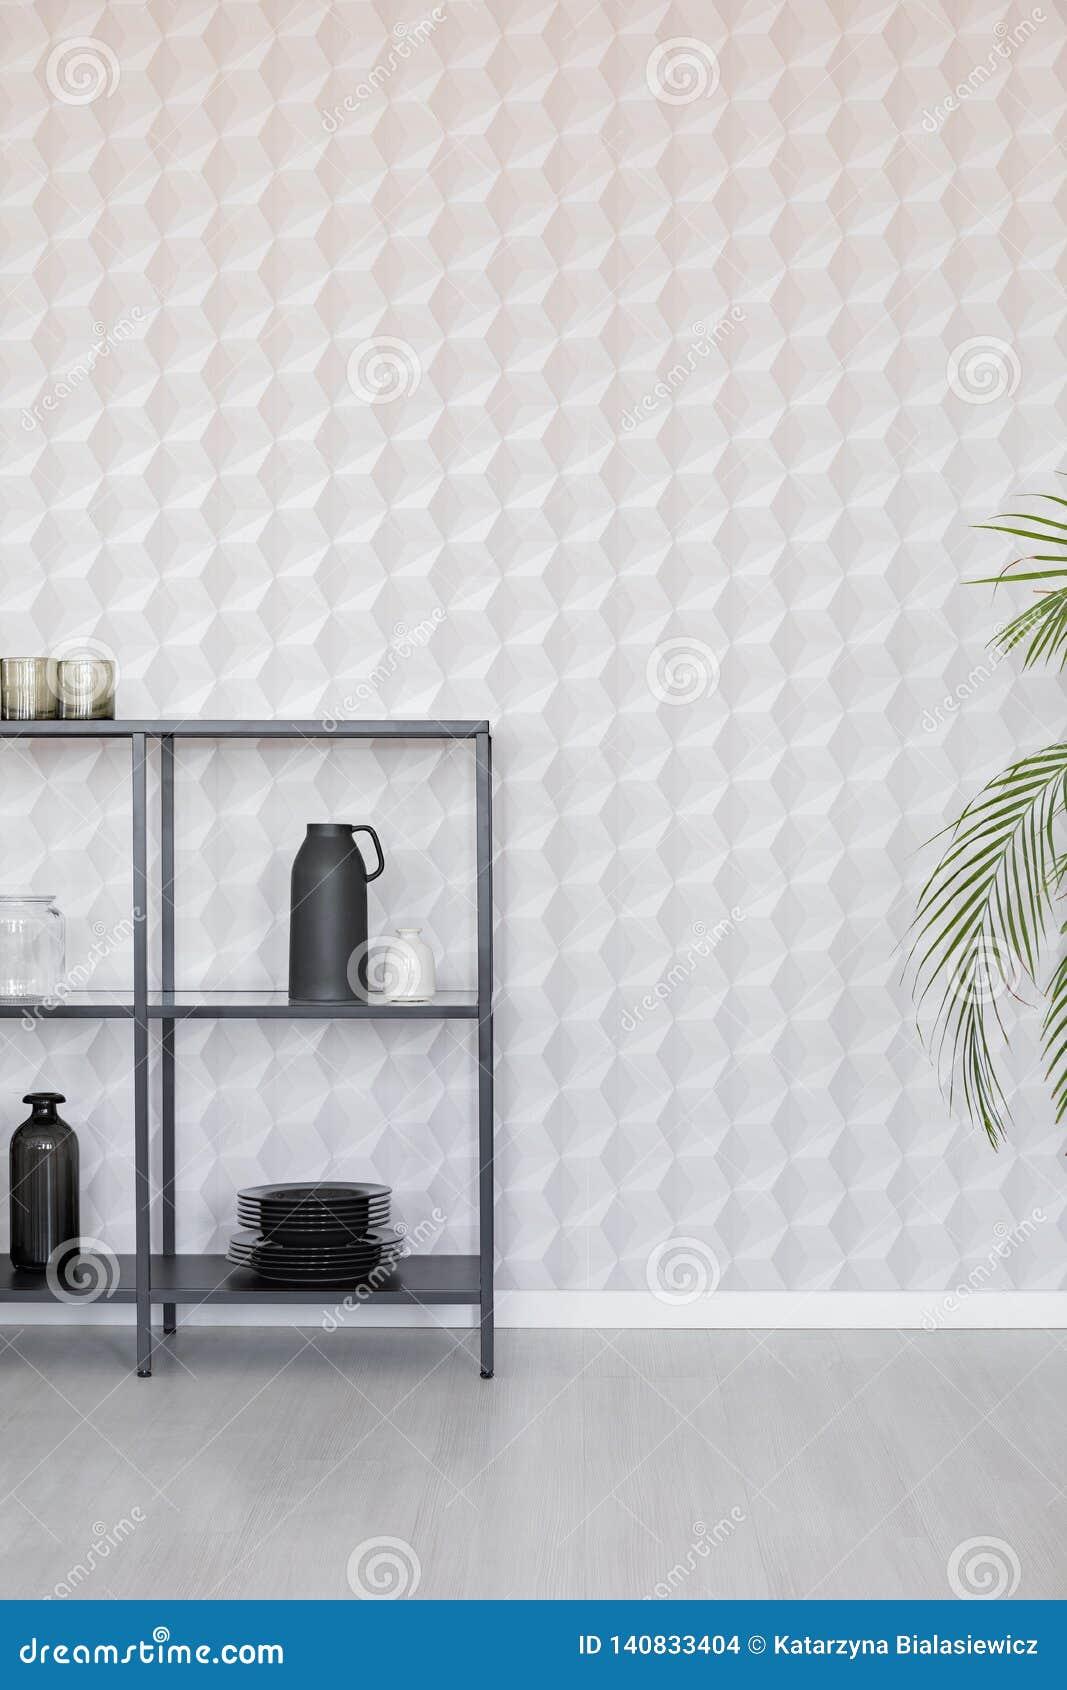 Metaalplank met vazen, plaat en toebehoren op lege muurmuur met uniek behang, echte foto met exemplaarruimte